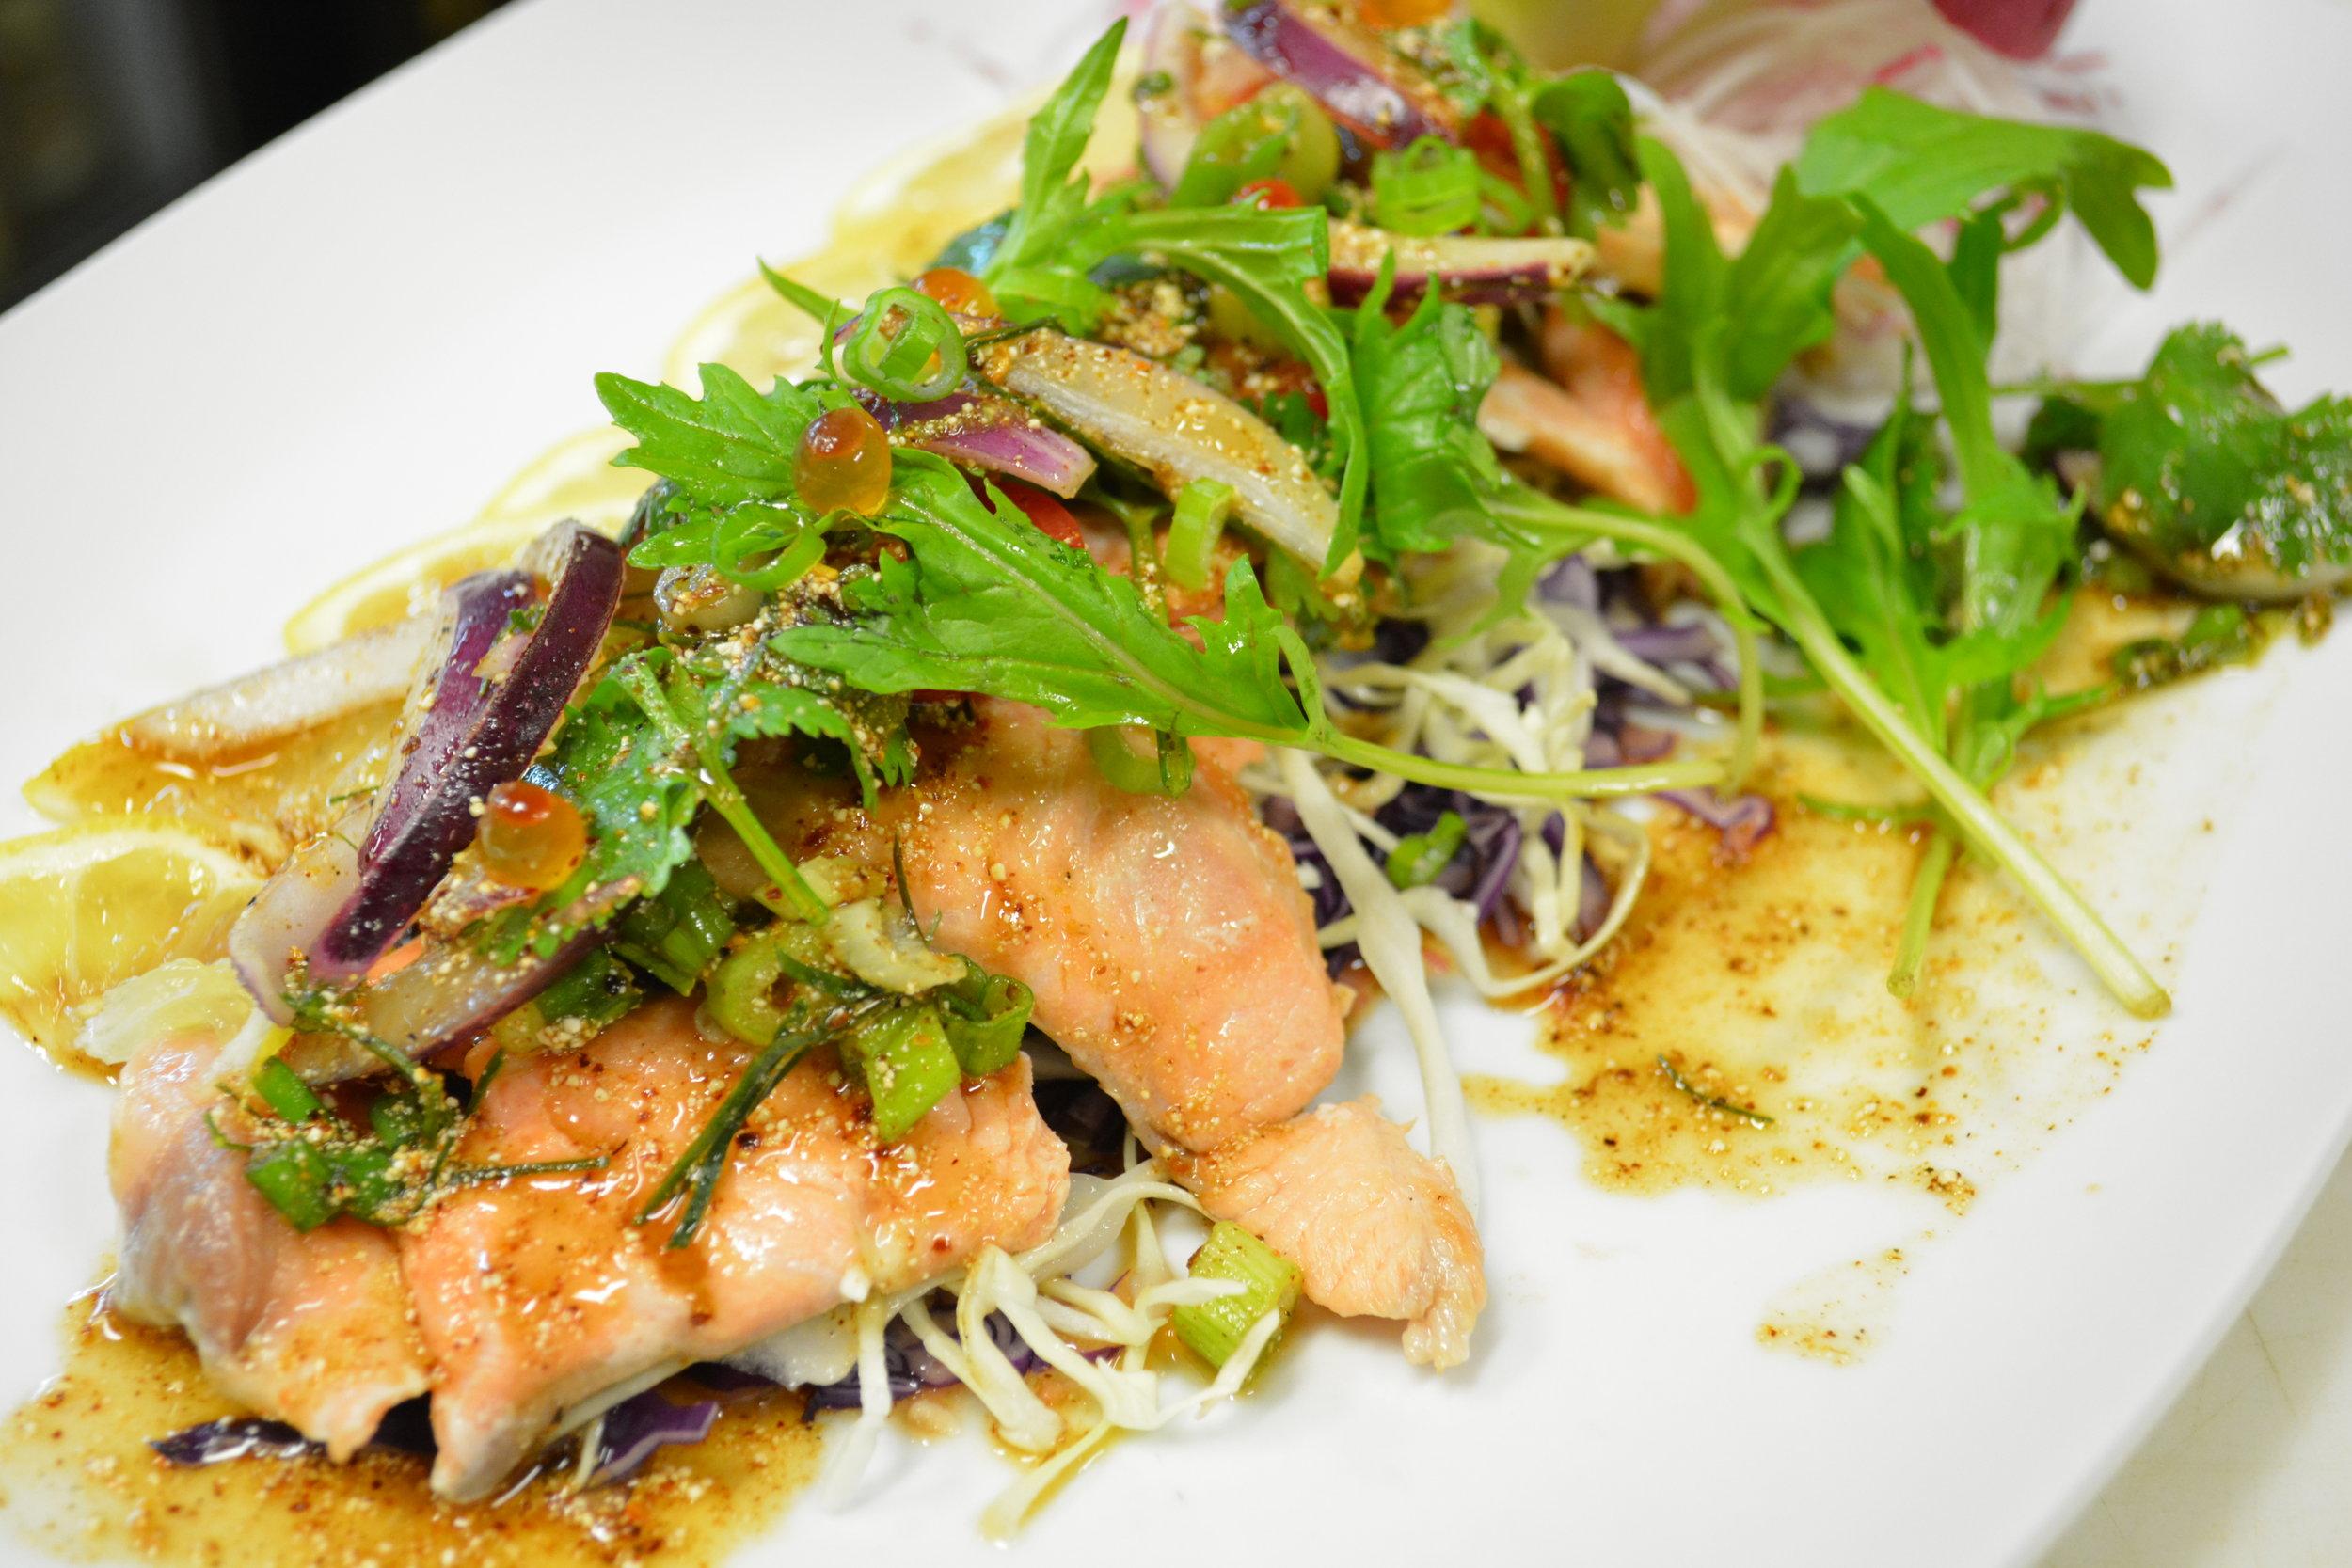 salmon & thaispicy dresing.JPG